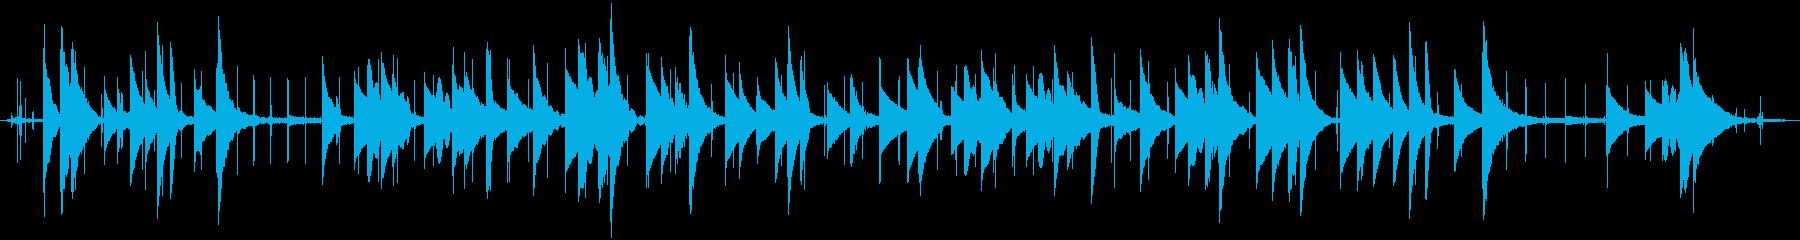 ミュージカルジュエリーボックス:ロ...の再生済みの波形